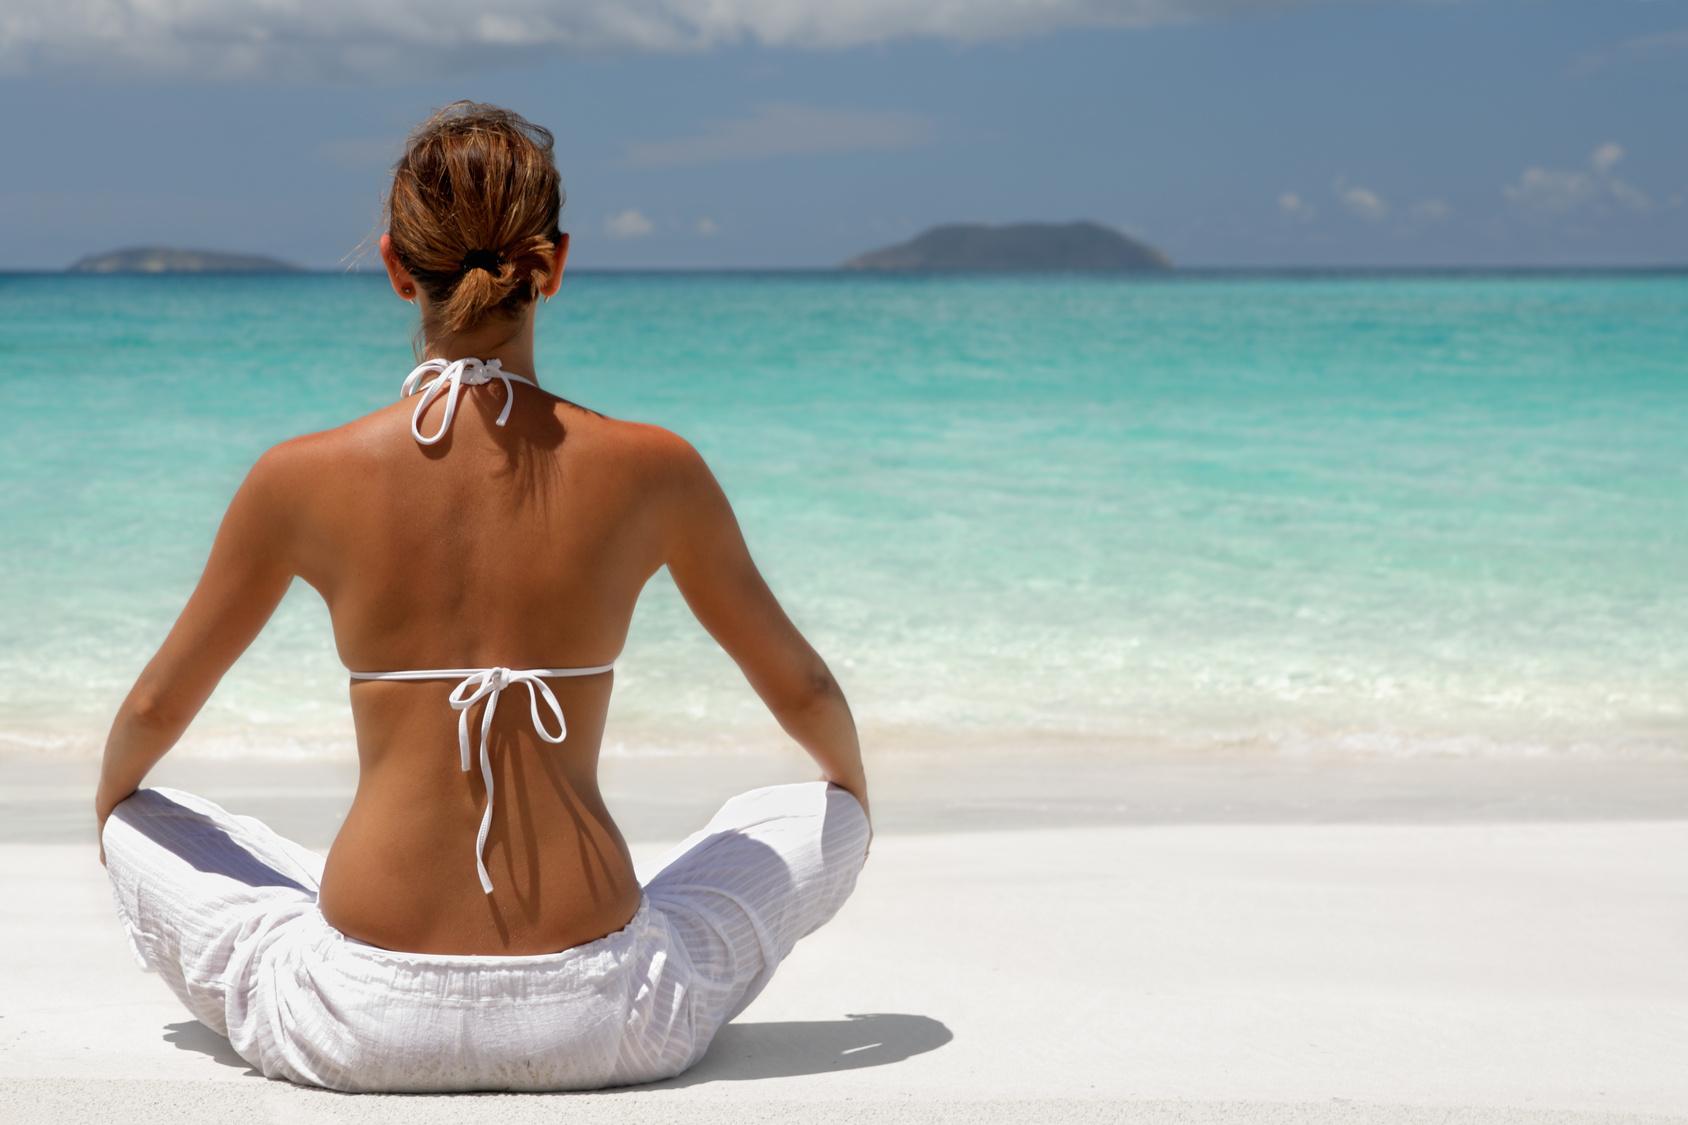 tropical meditation on the beach